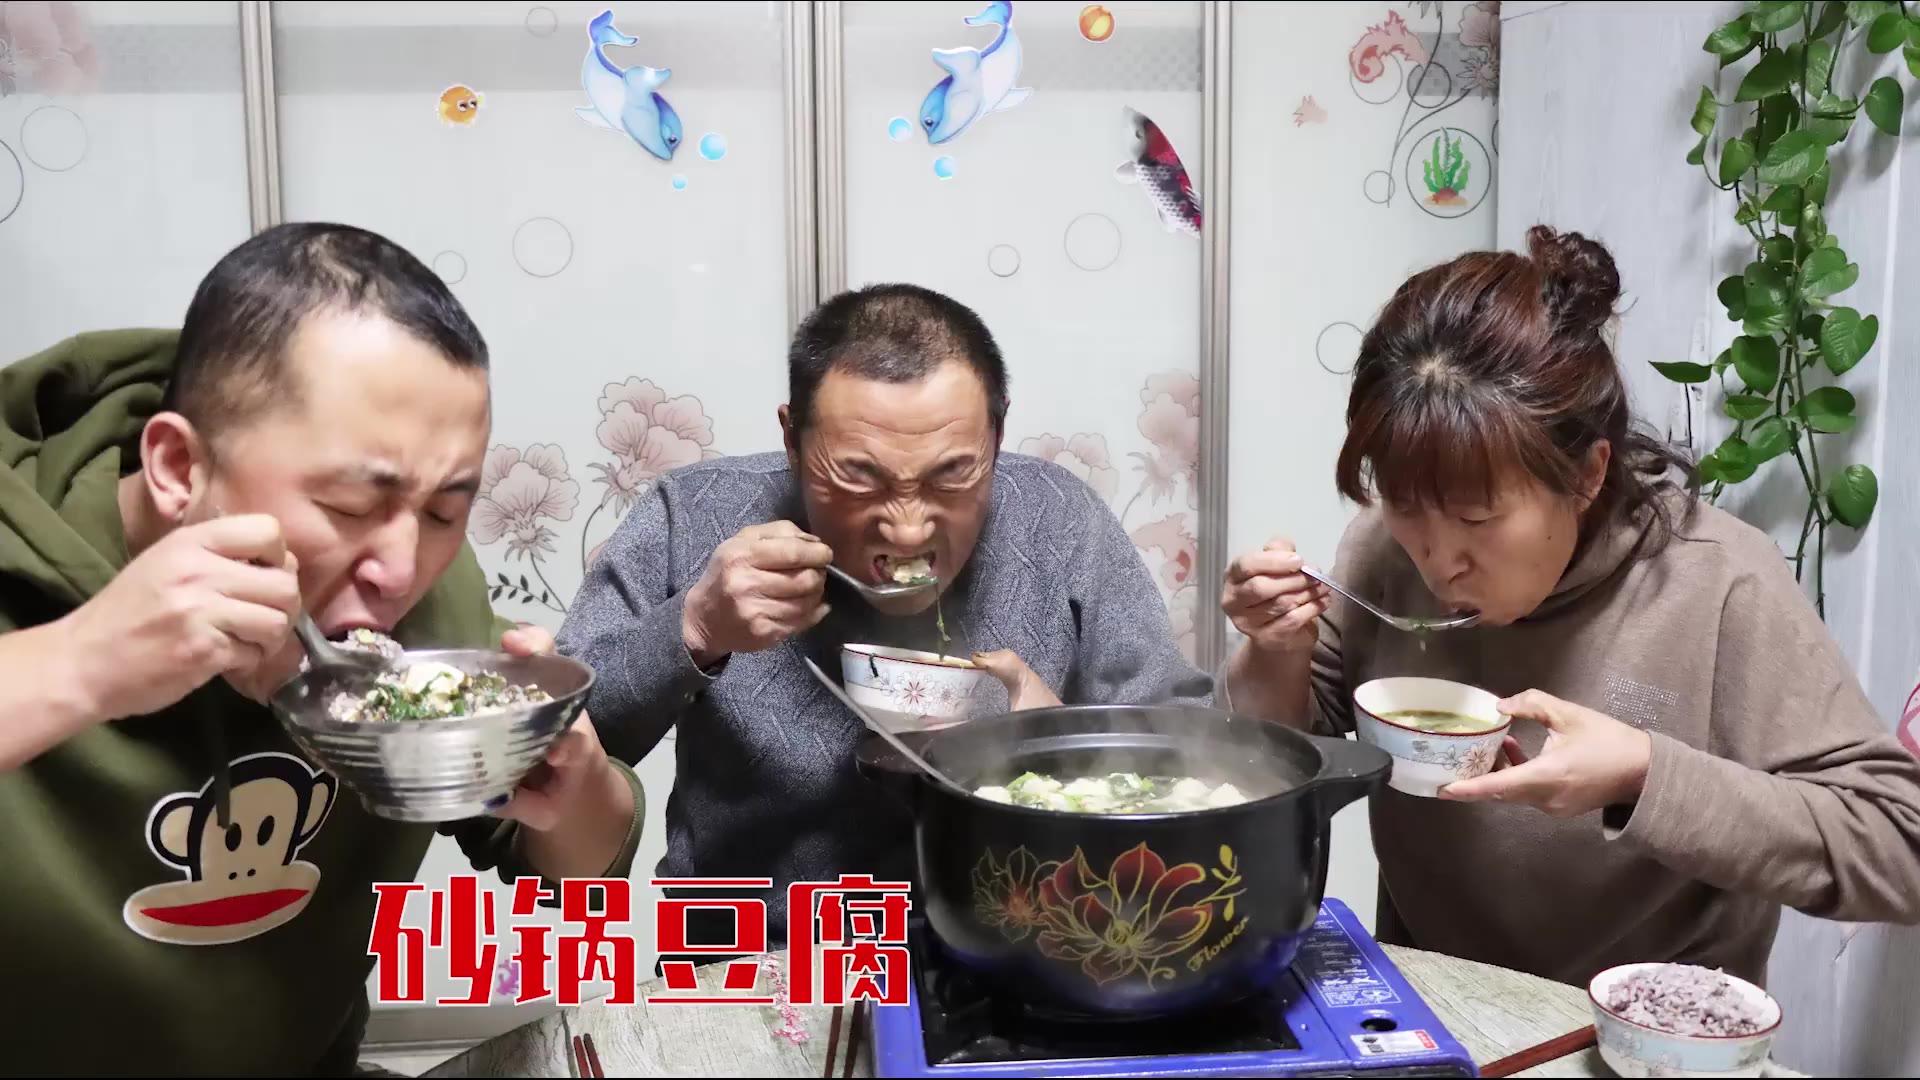 砂锅豆腐有很多种做法,今天这种做法味道太赞了,汤味浓郁,好吃